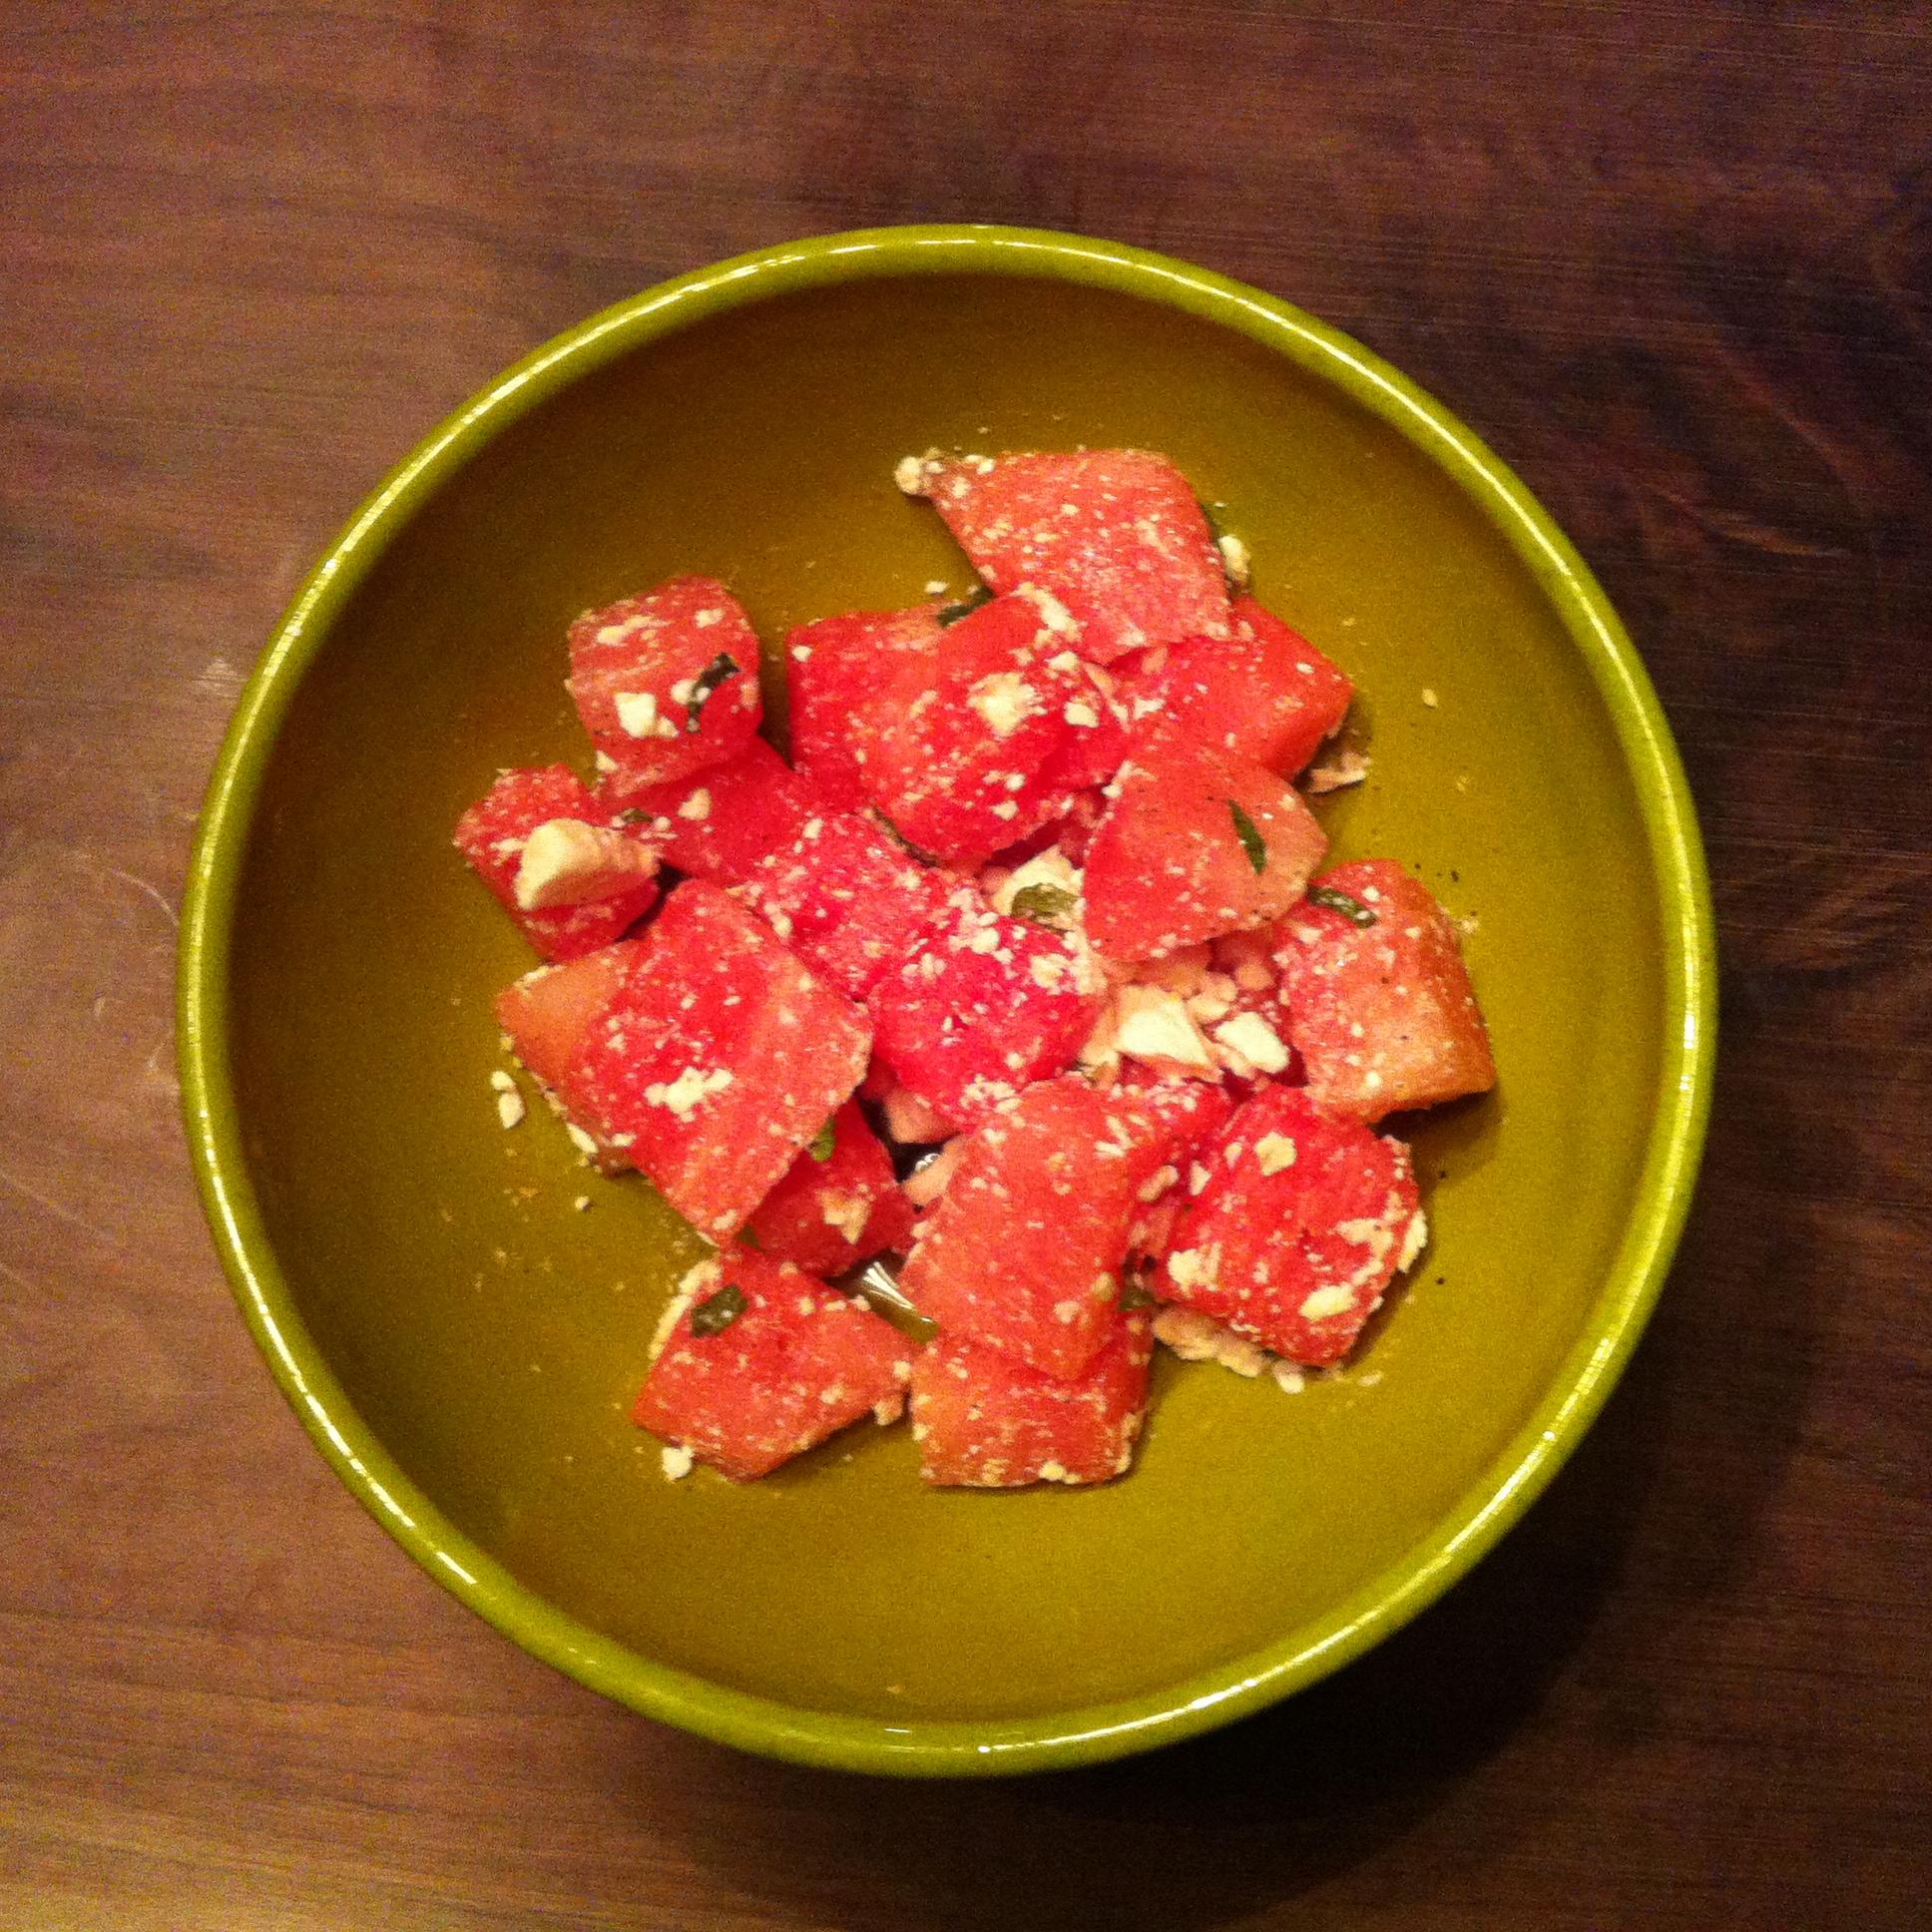 Salade pastèque & feta – Watermelon & feta salad